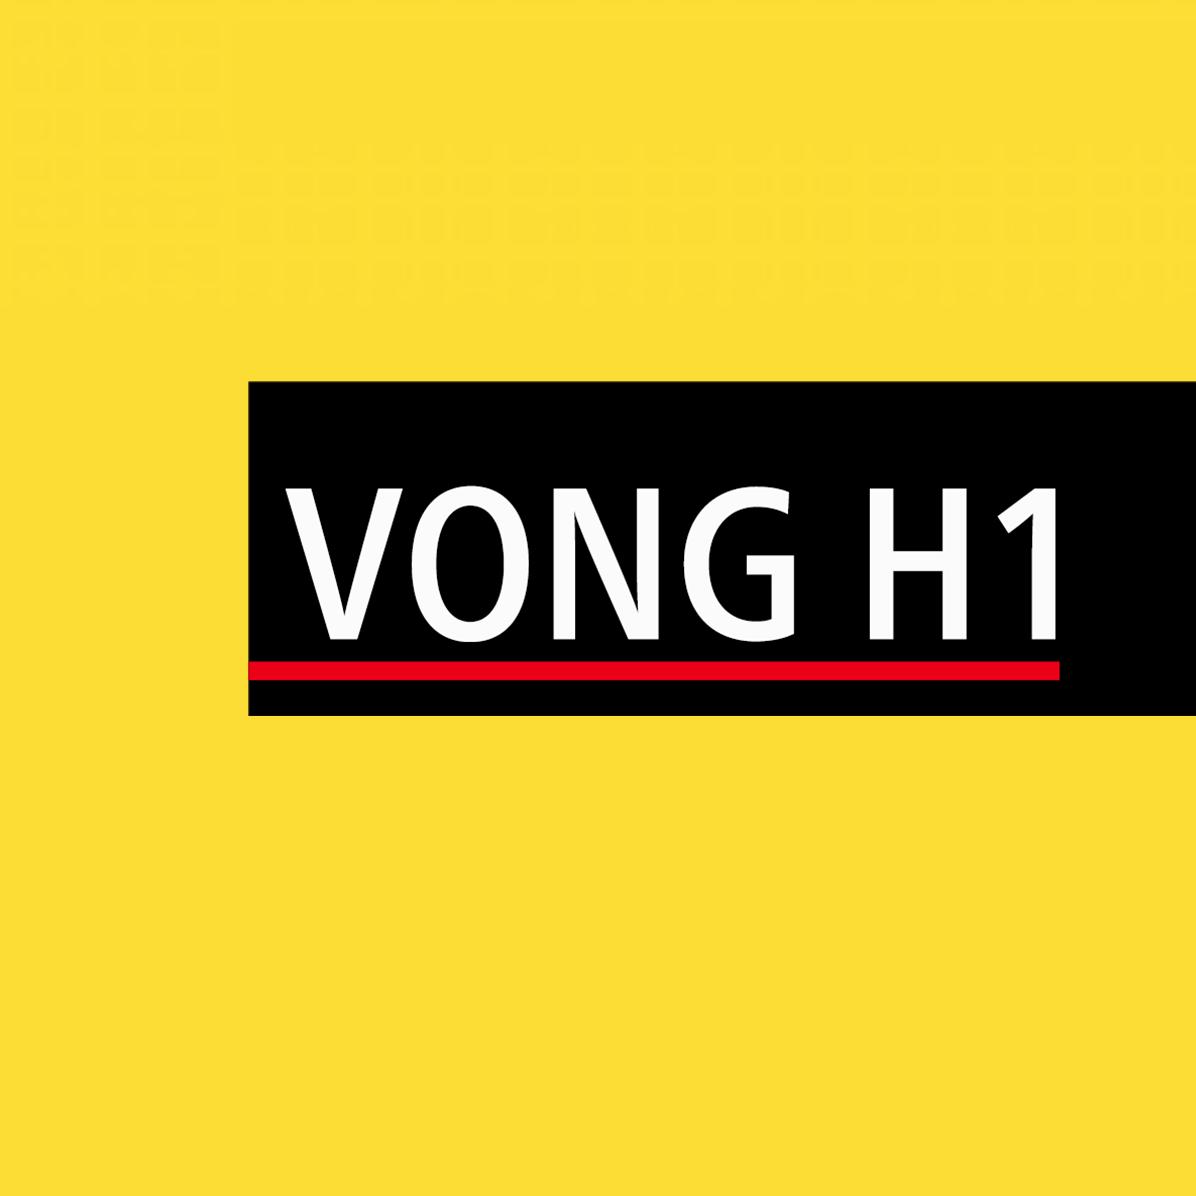 logo_fanpage